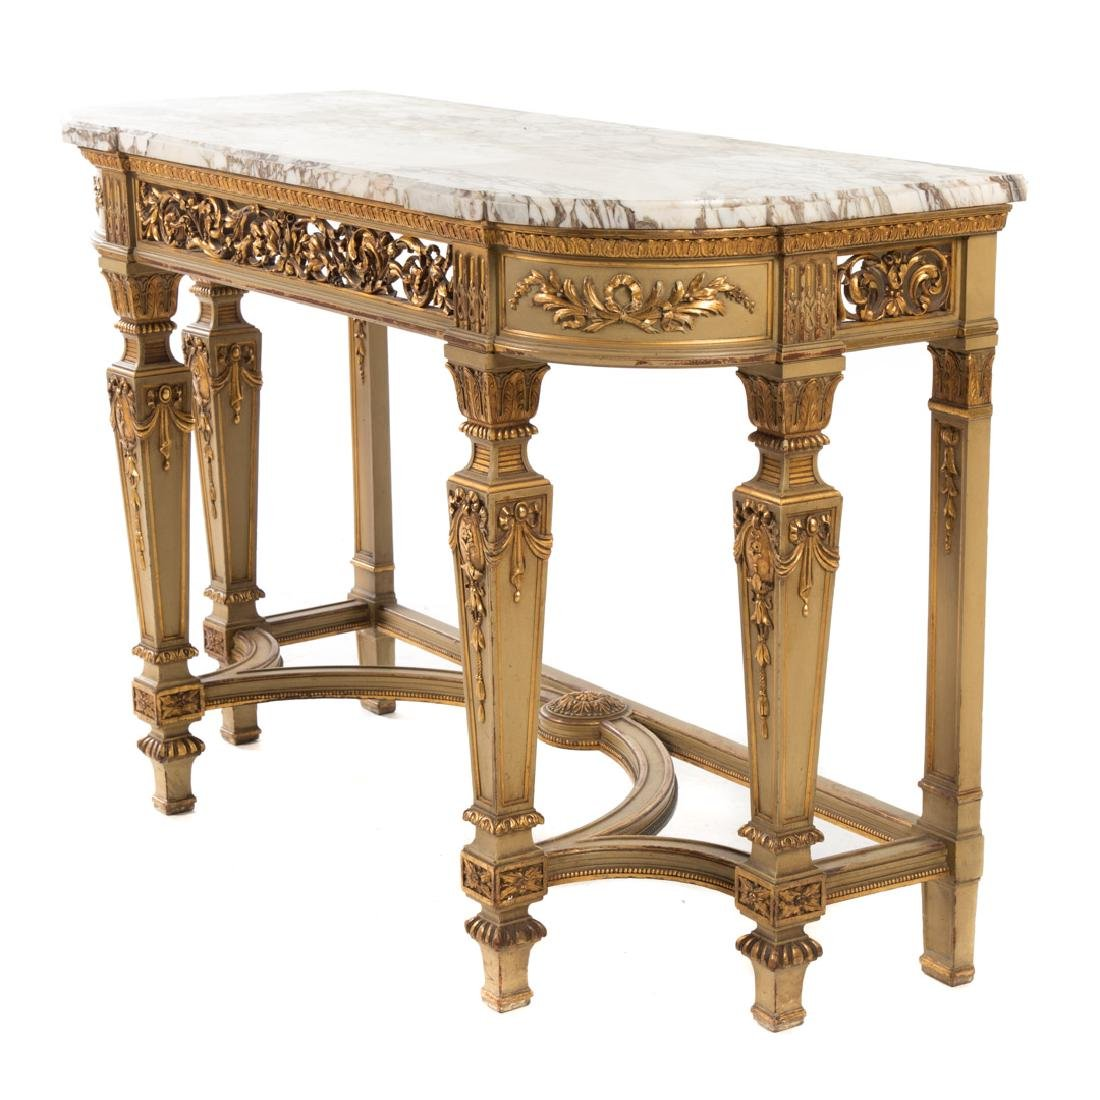 Louis XIV style painted parcel-gilt console table